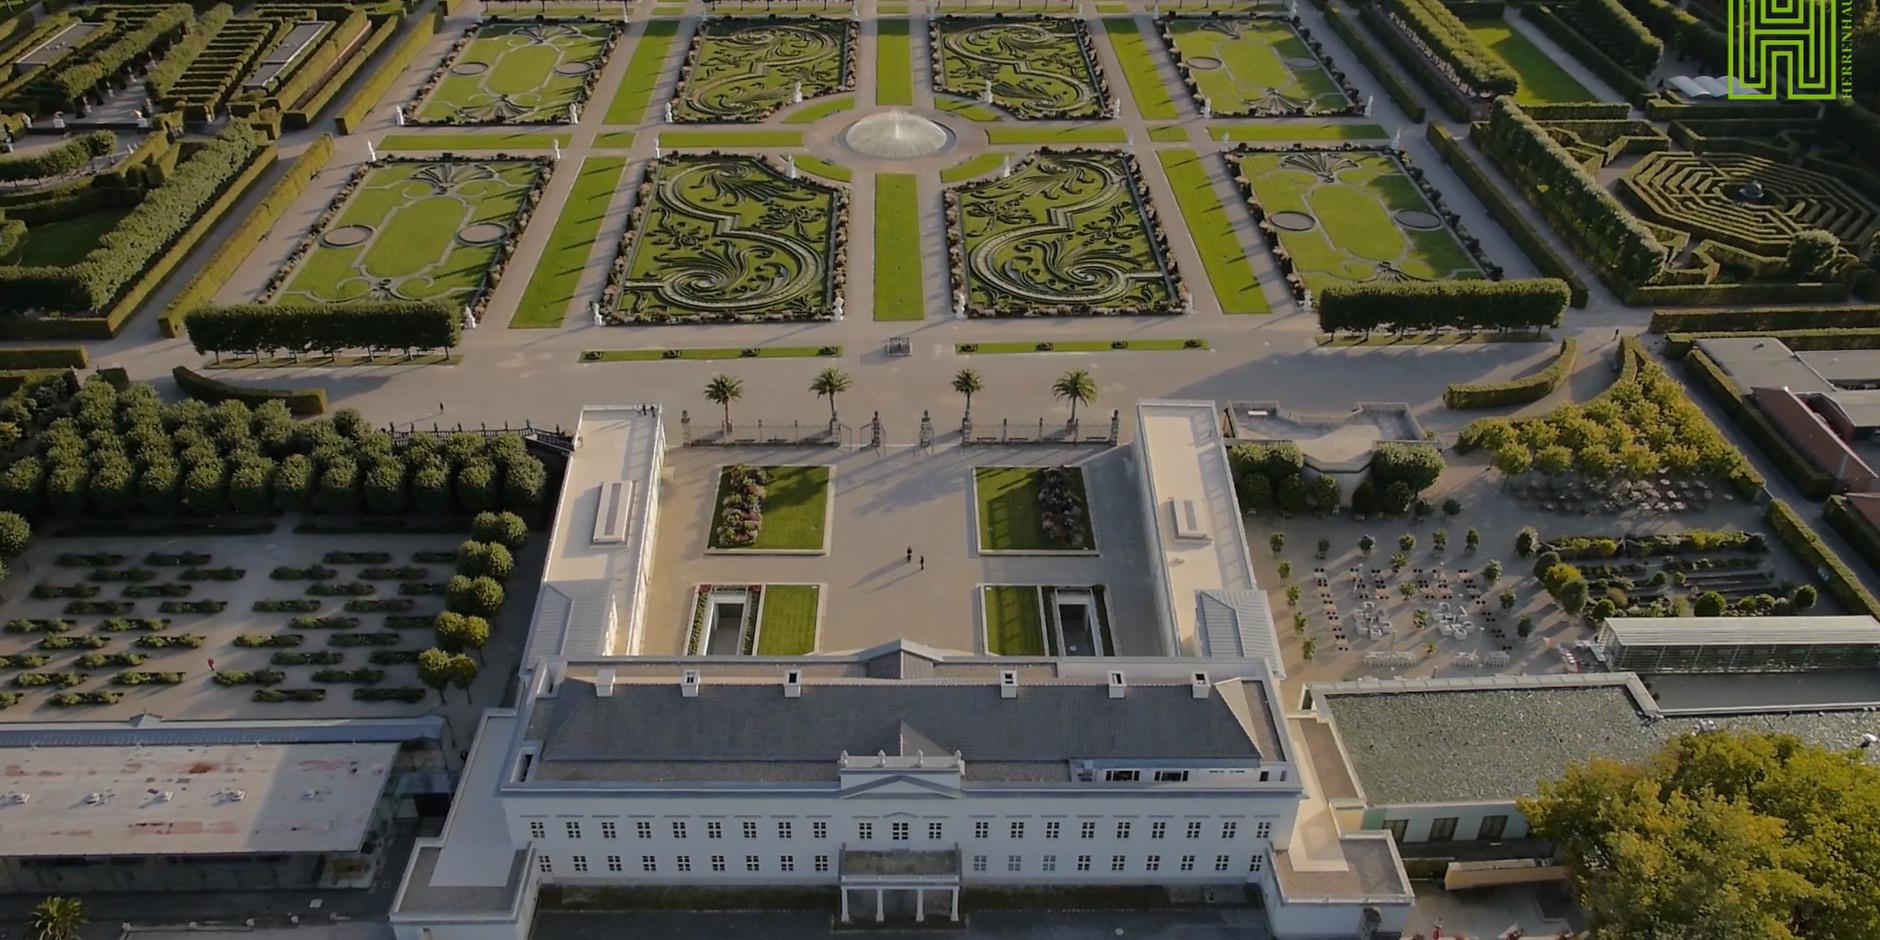 Bilder Gärten herrenhäuser gärten der große garten herrenhausen